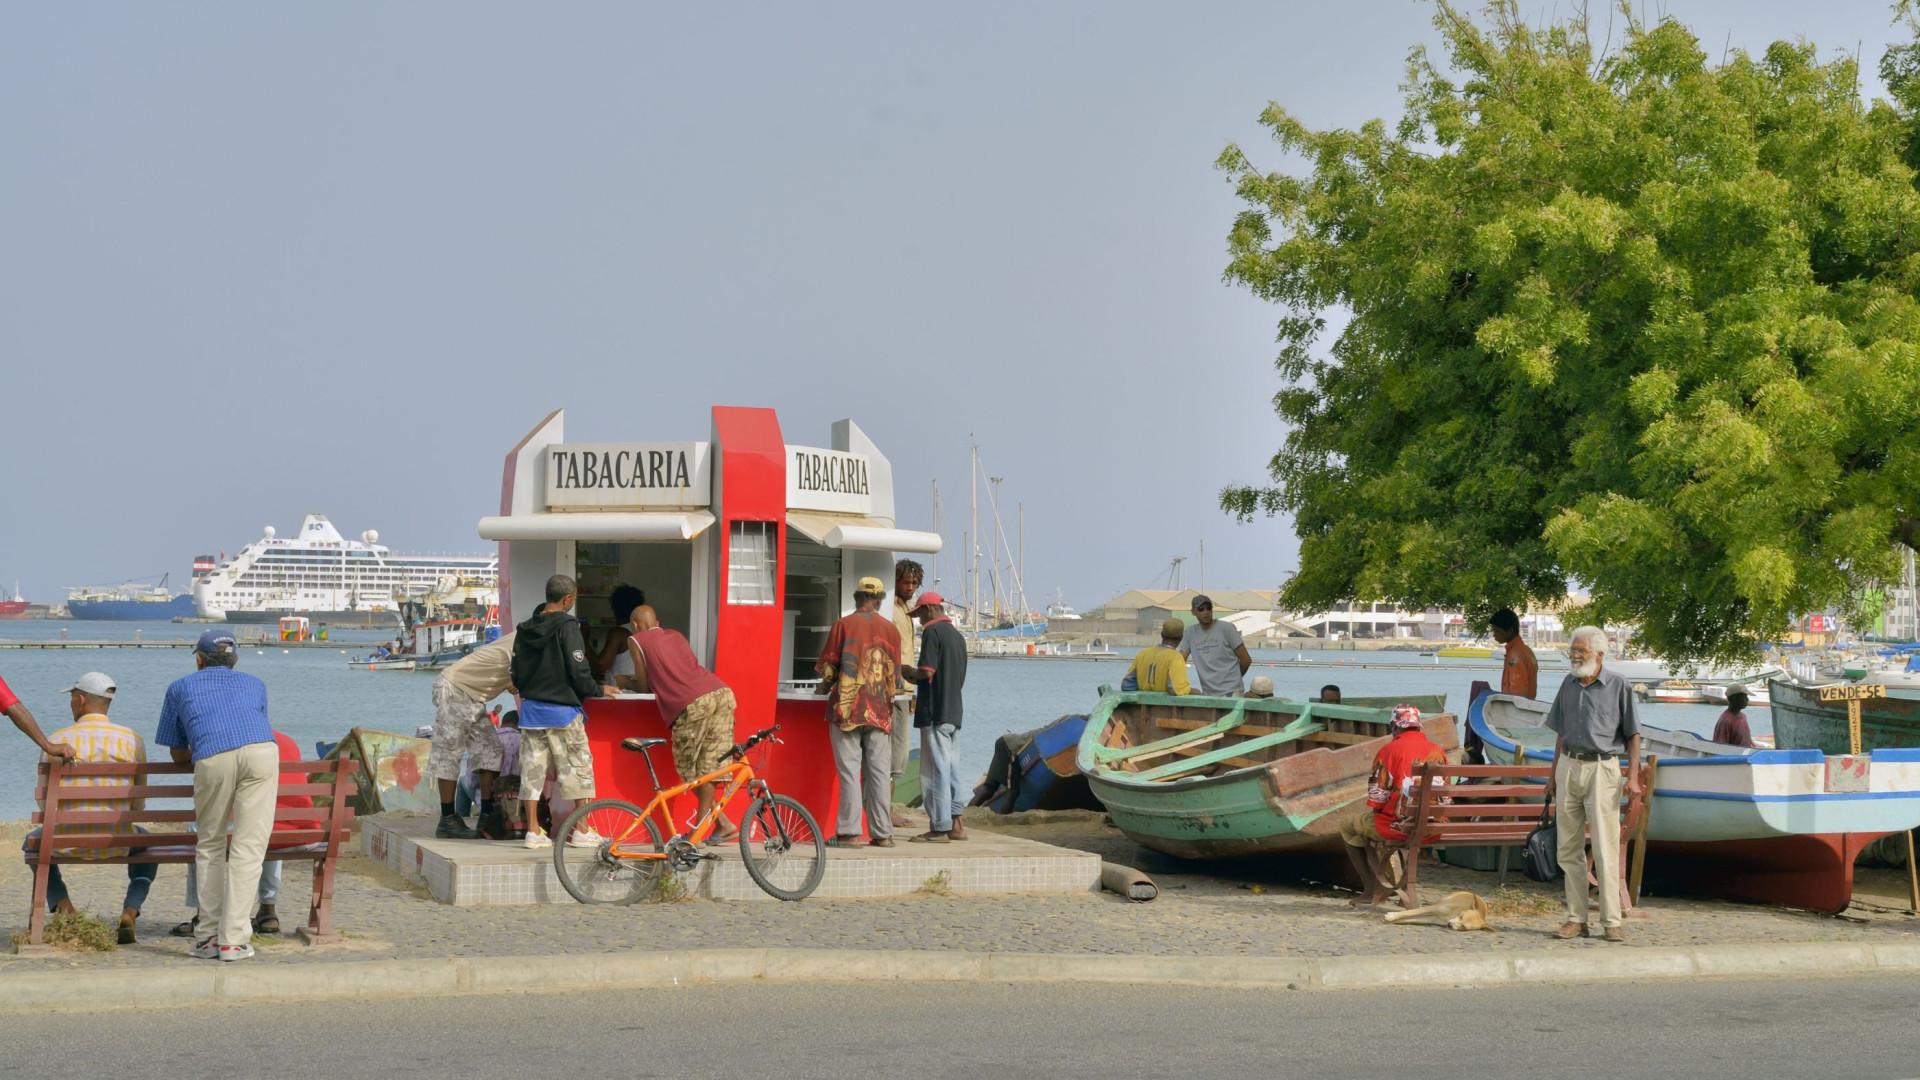 Número de turistas em Cabo Verde aumenta 10,3% no primeiro trimestre